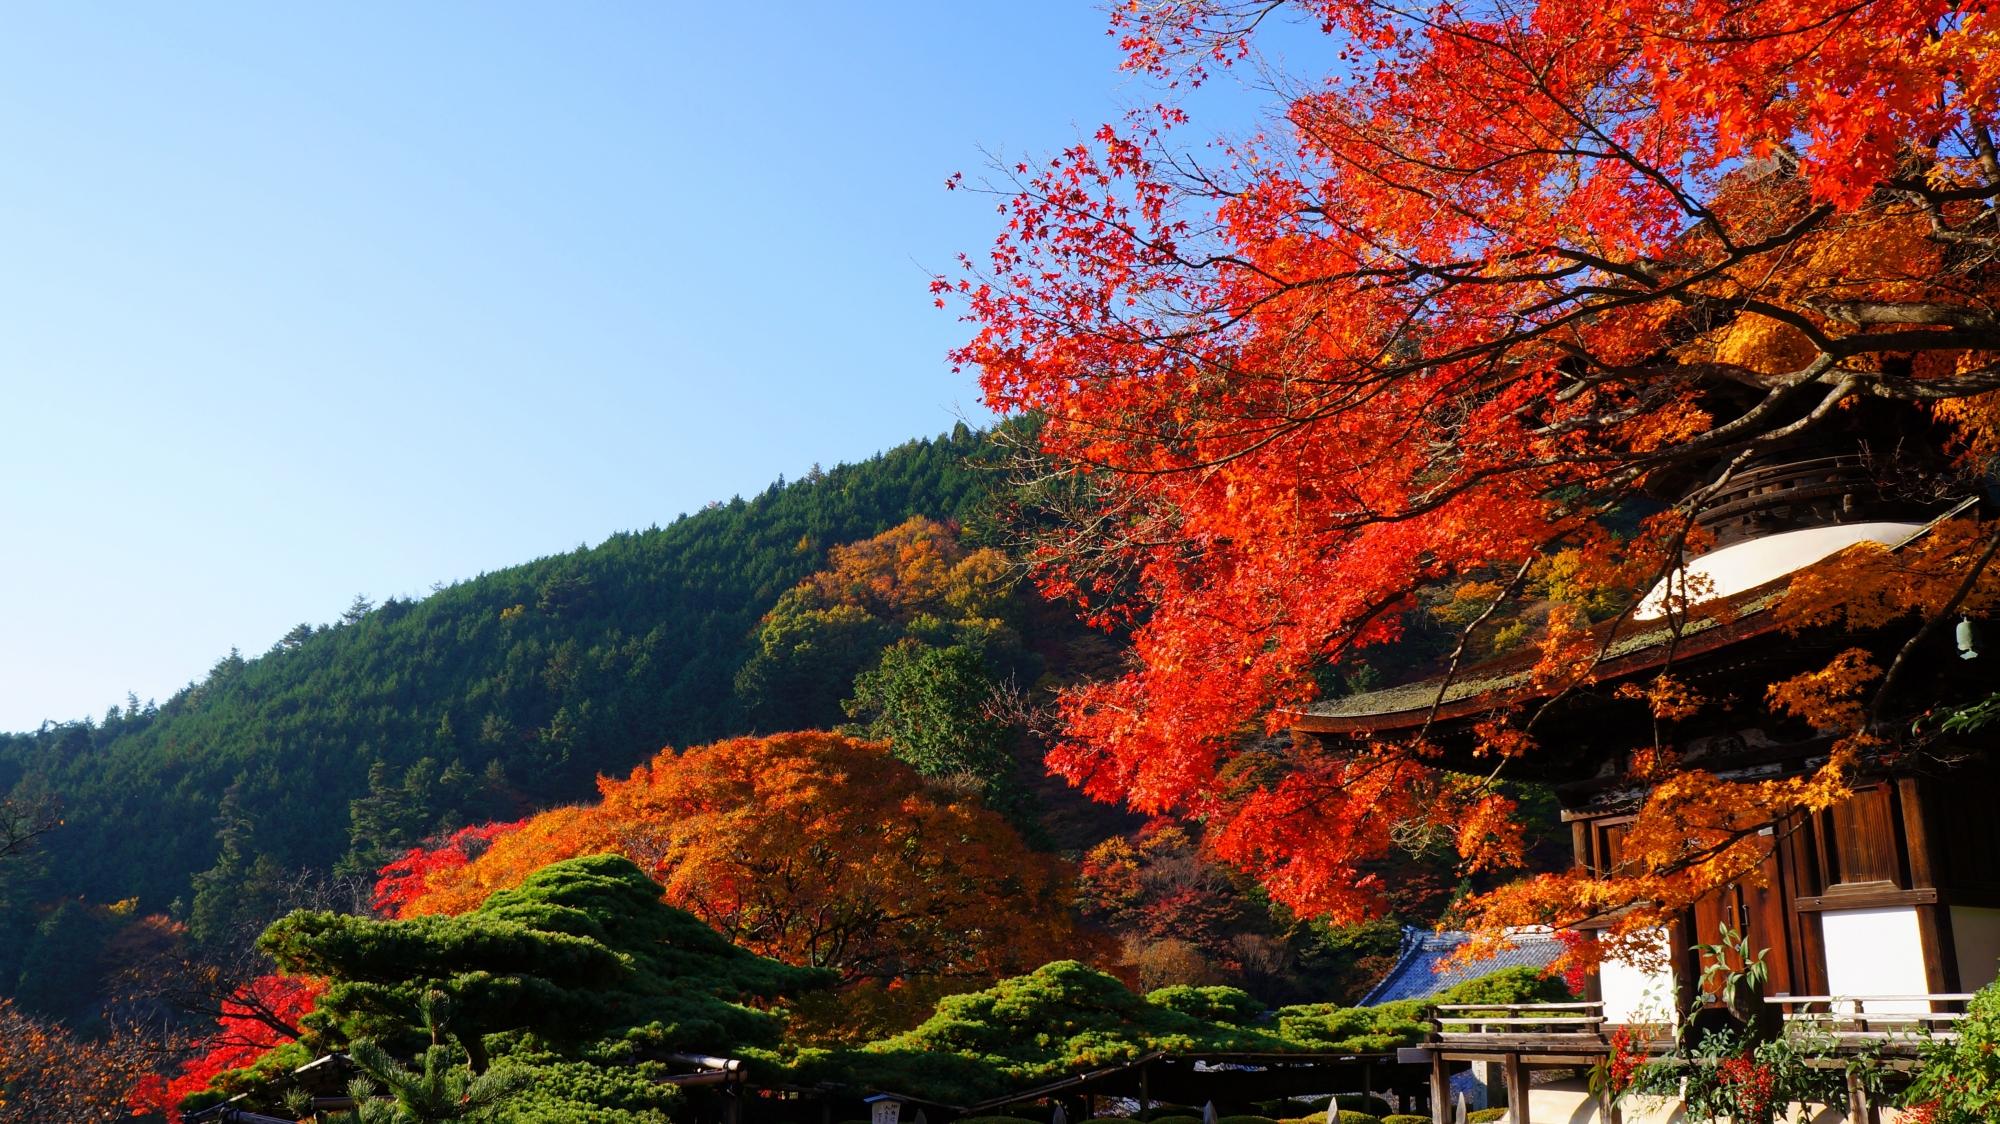 善峯寺の青空に映える赤い紅葉と多宝塔